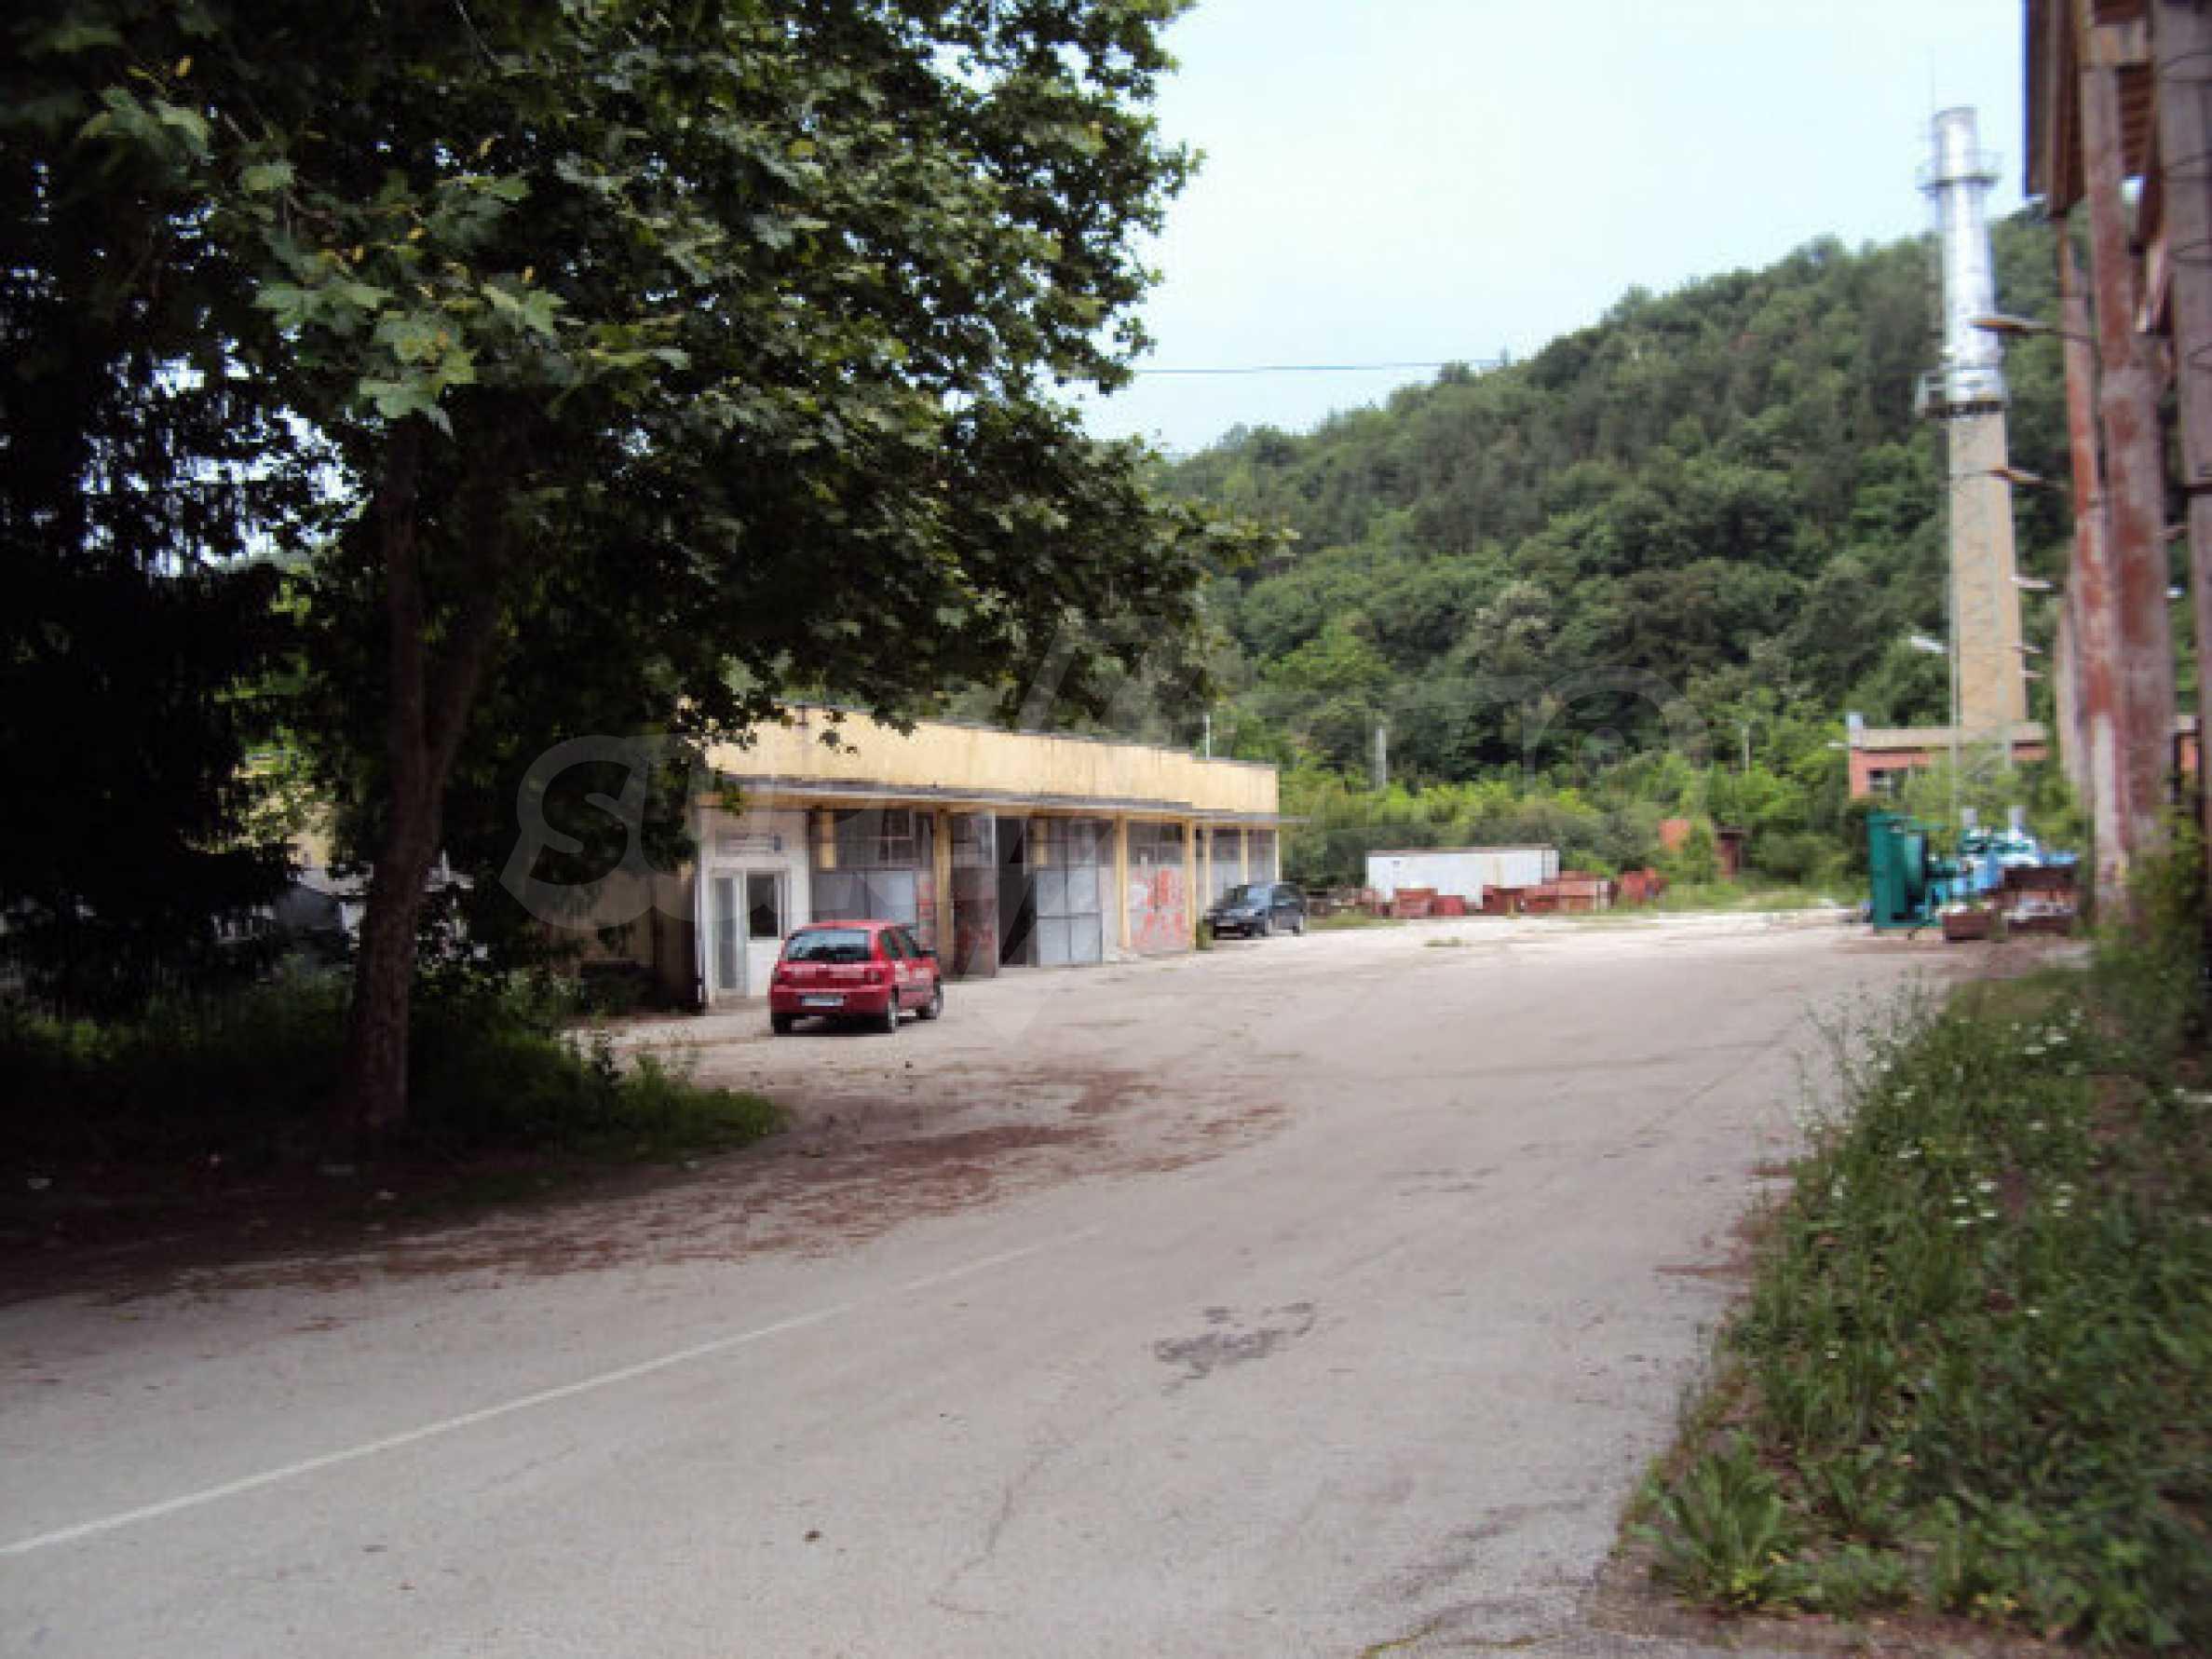 Factory for metal parts in Veliko Tarnovo 11